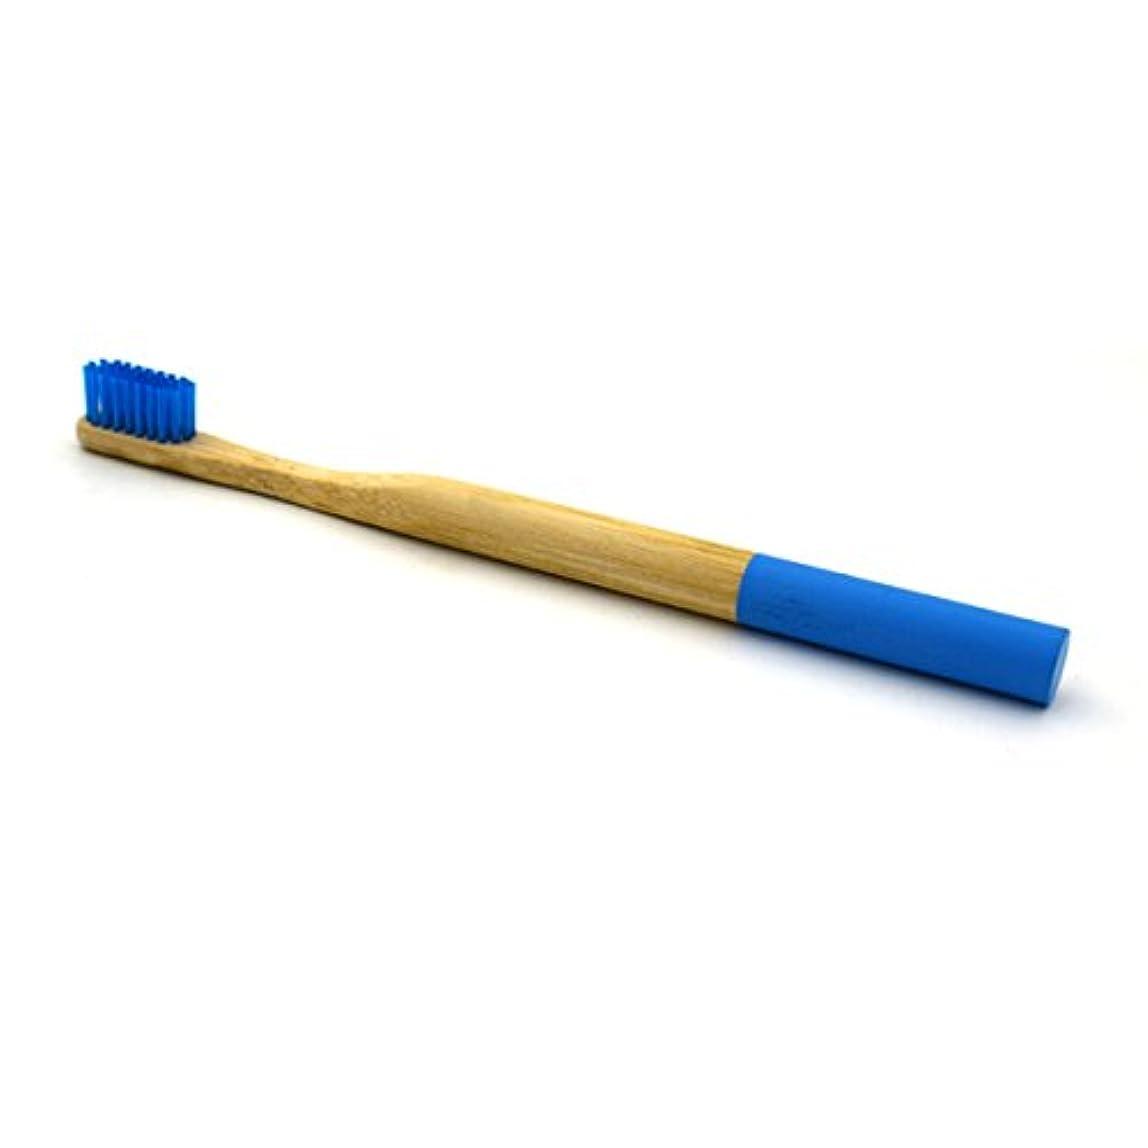 香水軍艦道に迷いましたROSENICE 竹の歯ブラシ 自然な竹エコフレンドリーな柔らかい毛の旅行の歯ブラシ(青)